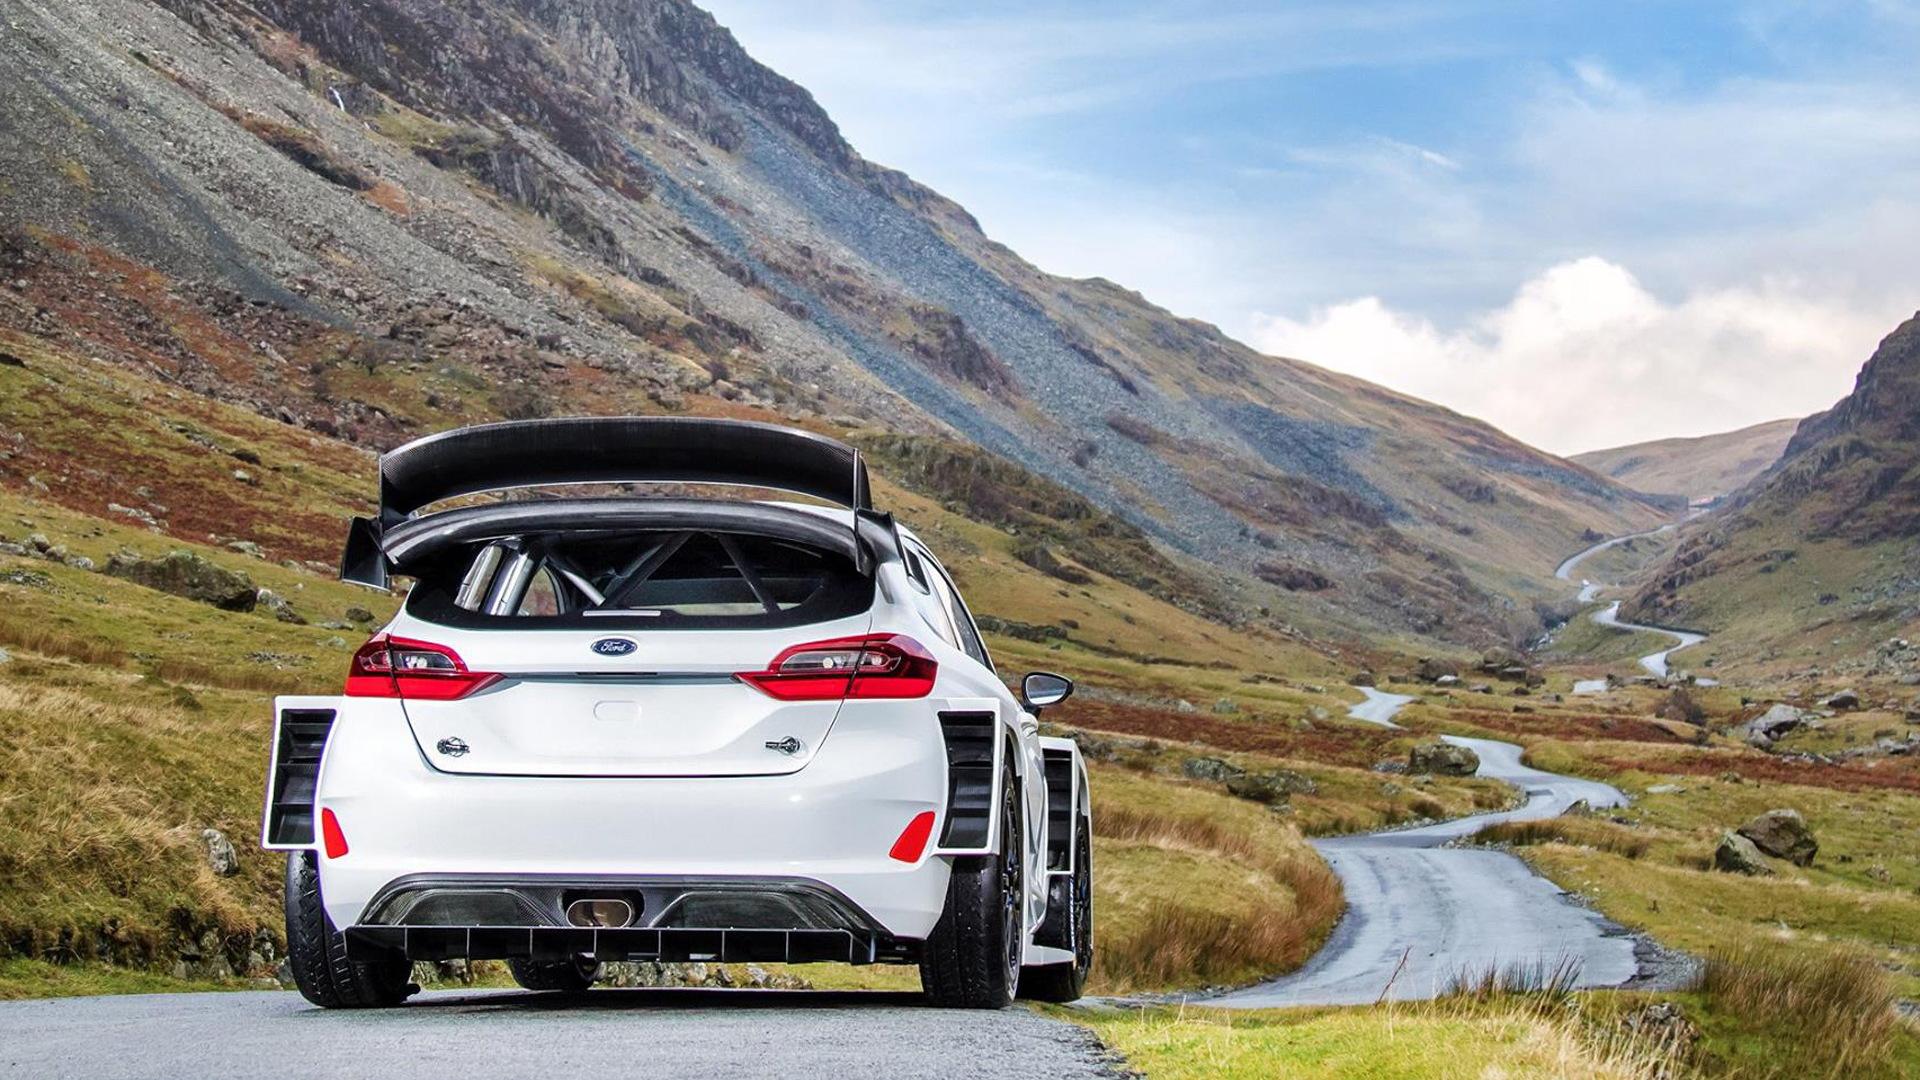 2017 Ford Fiesta RS WRC rally car